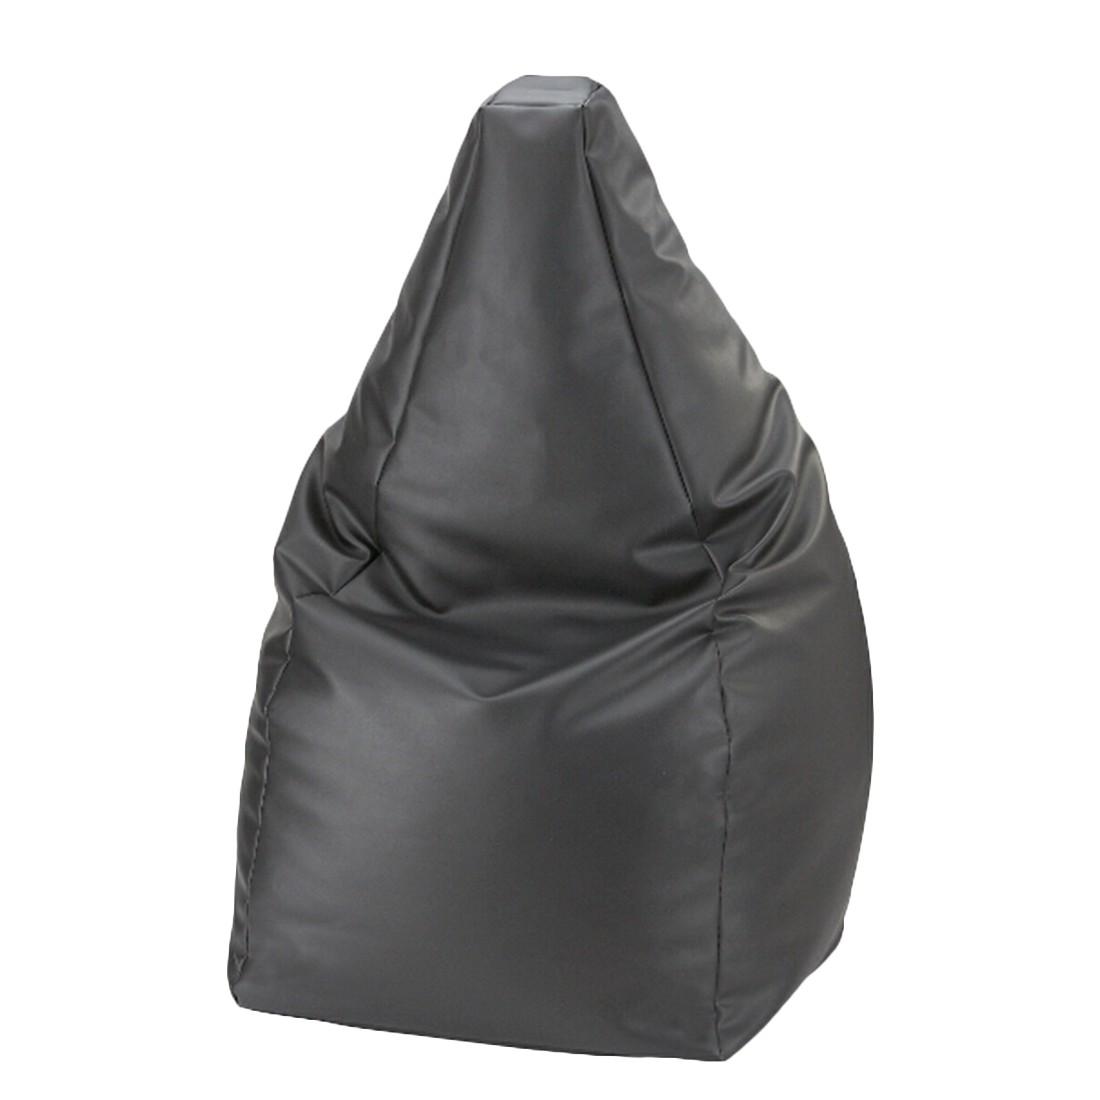 Sitzsack Kunstleder schwarz 90 cm –  x 90 cm, KC-Handel bestellen